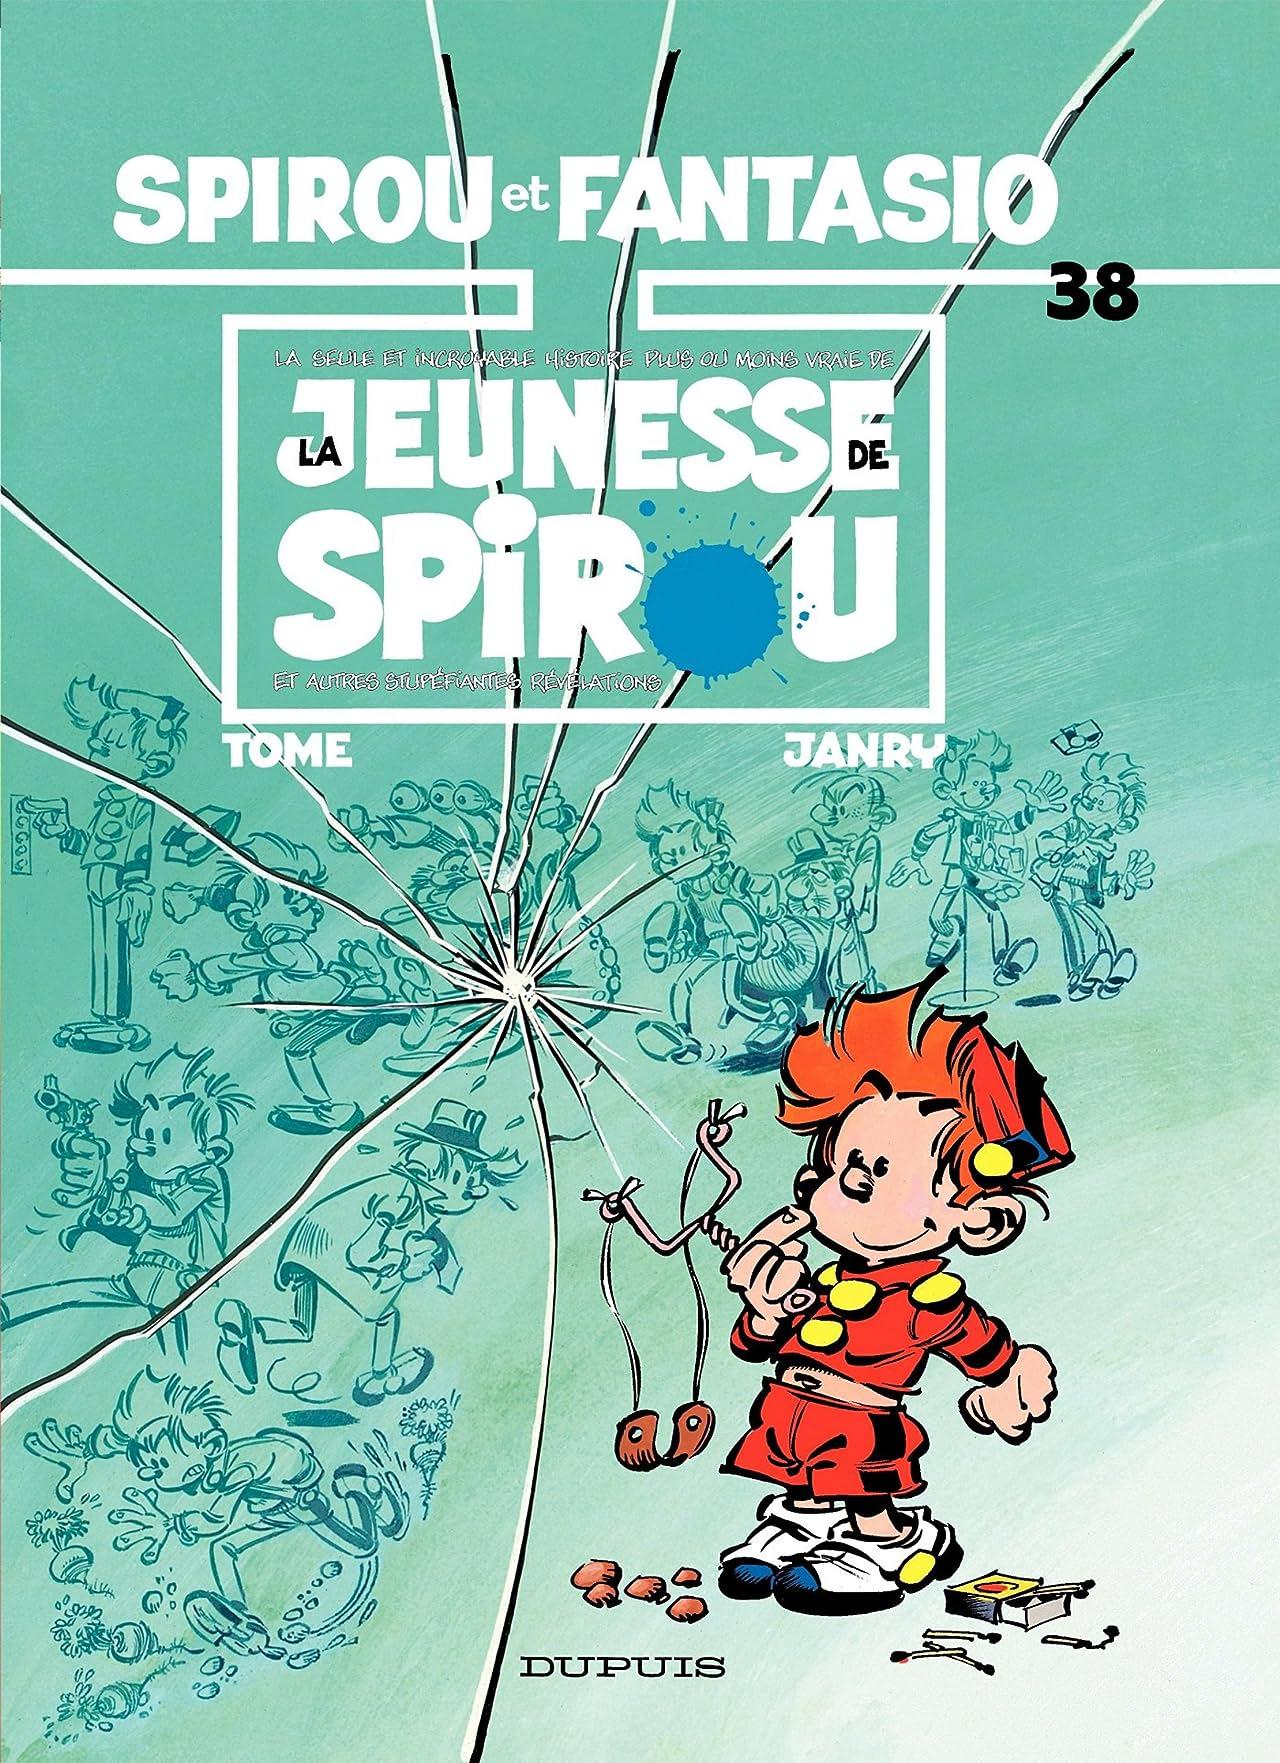 Spirou et Fantasio Vol. 38: LA JEUNESSE DE SPIROU